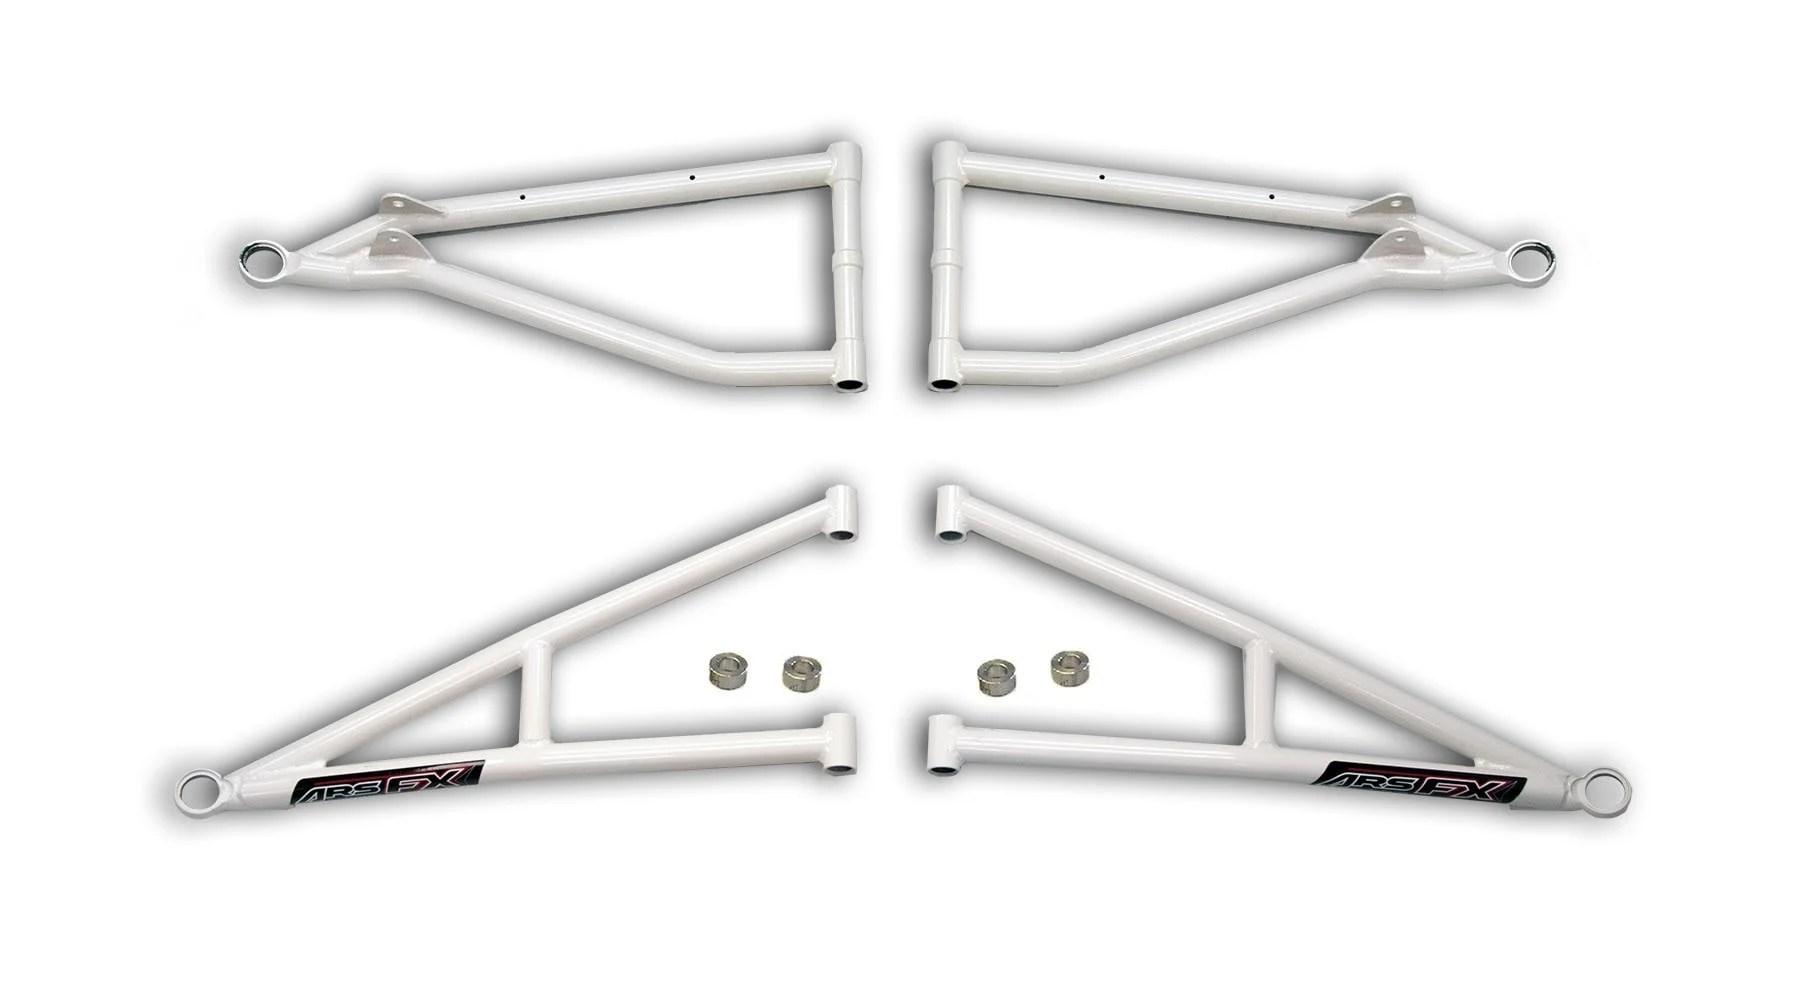 Zbroz Ars Fx 2 Forward A Arm Kit For Polaris Rzr Xp 900